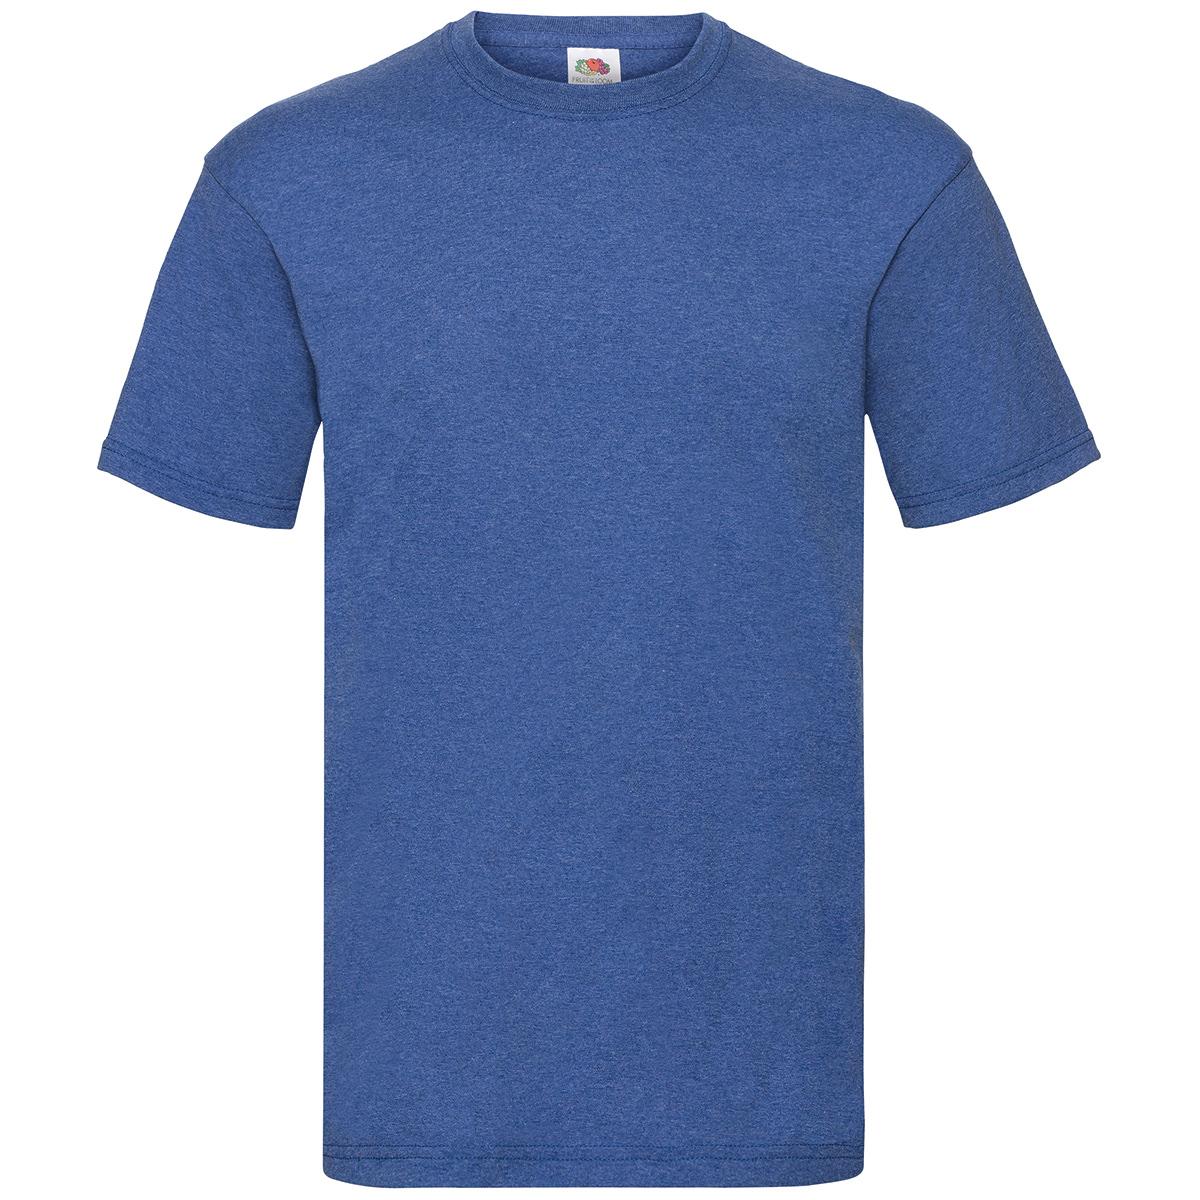 Indexbild 26 - Fruit of the Loom UNISEX T-Shirt Bestseller Top Angebot Herren Damen NEU